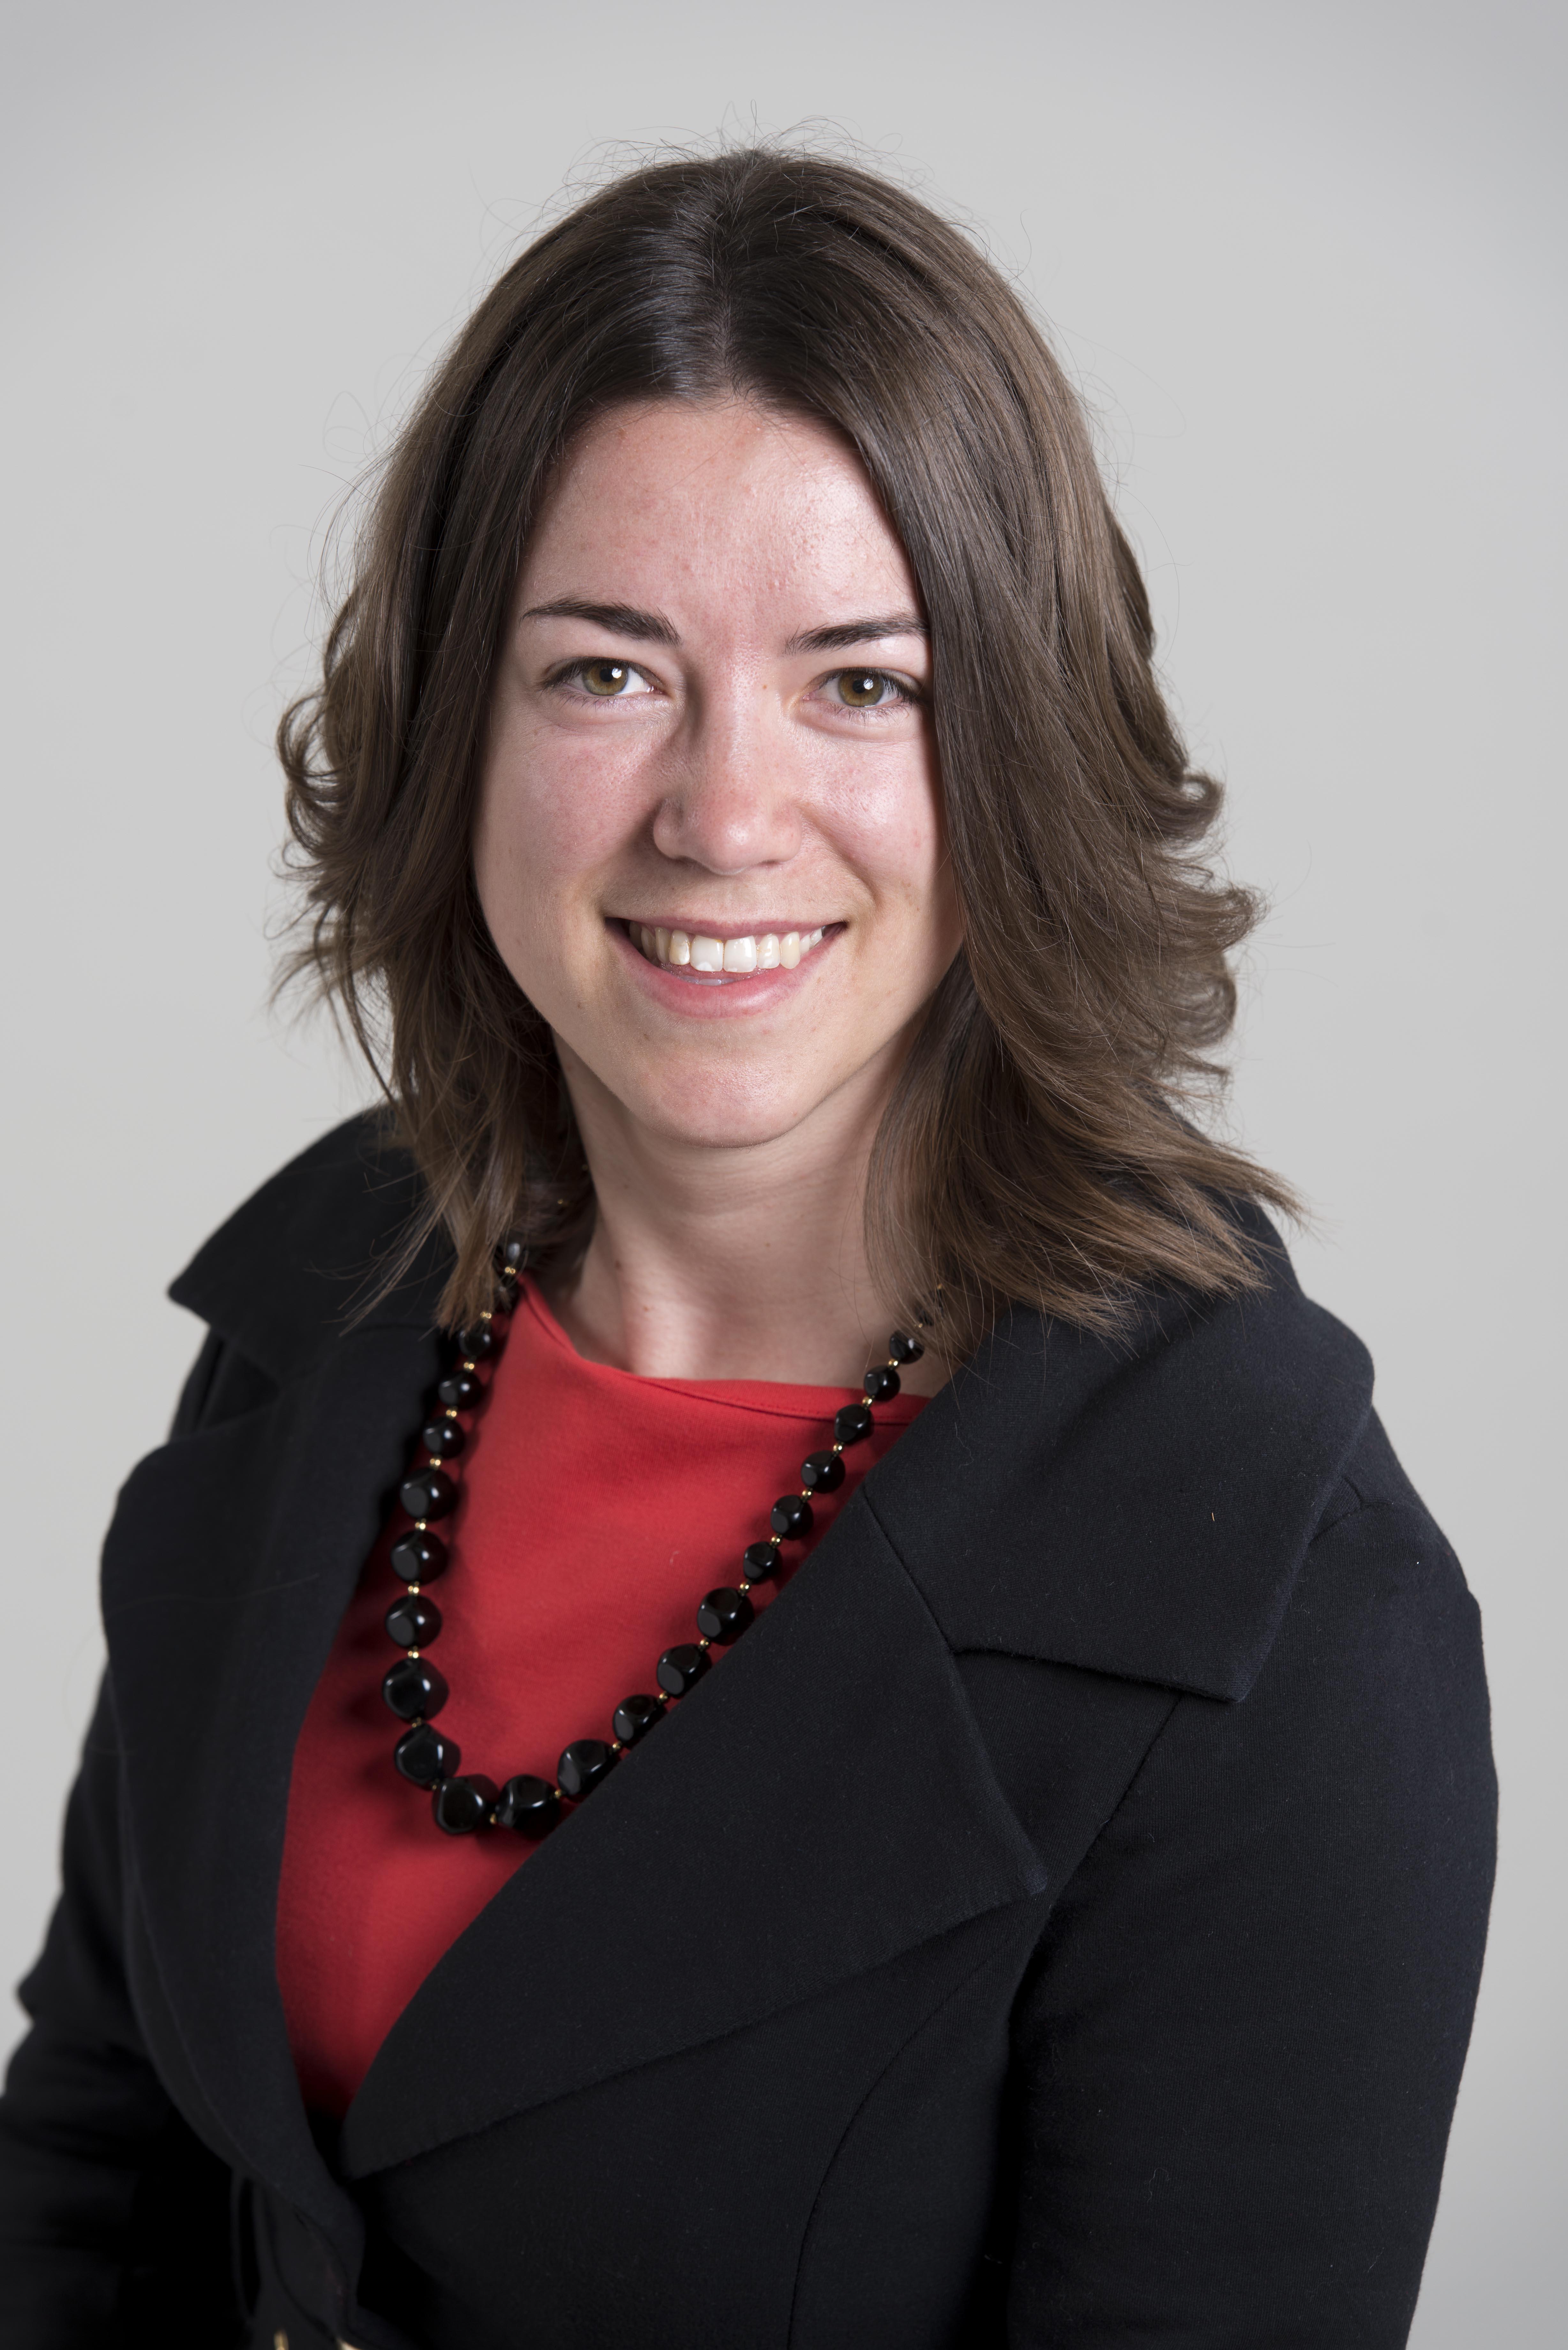 Jennifer Turliuk